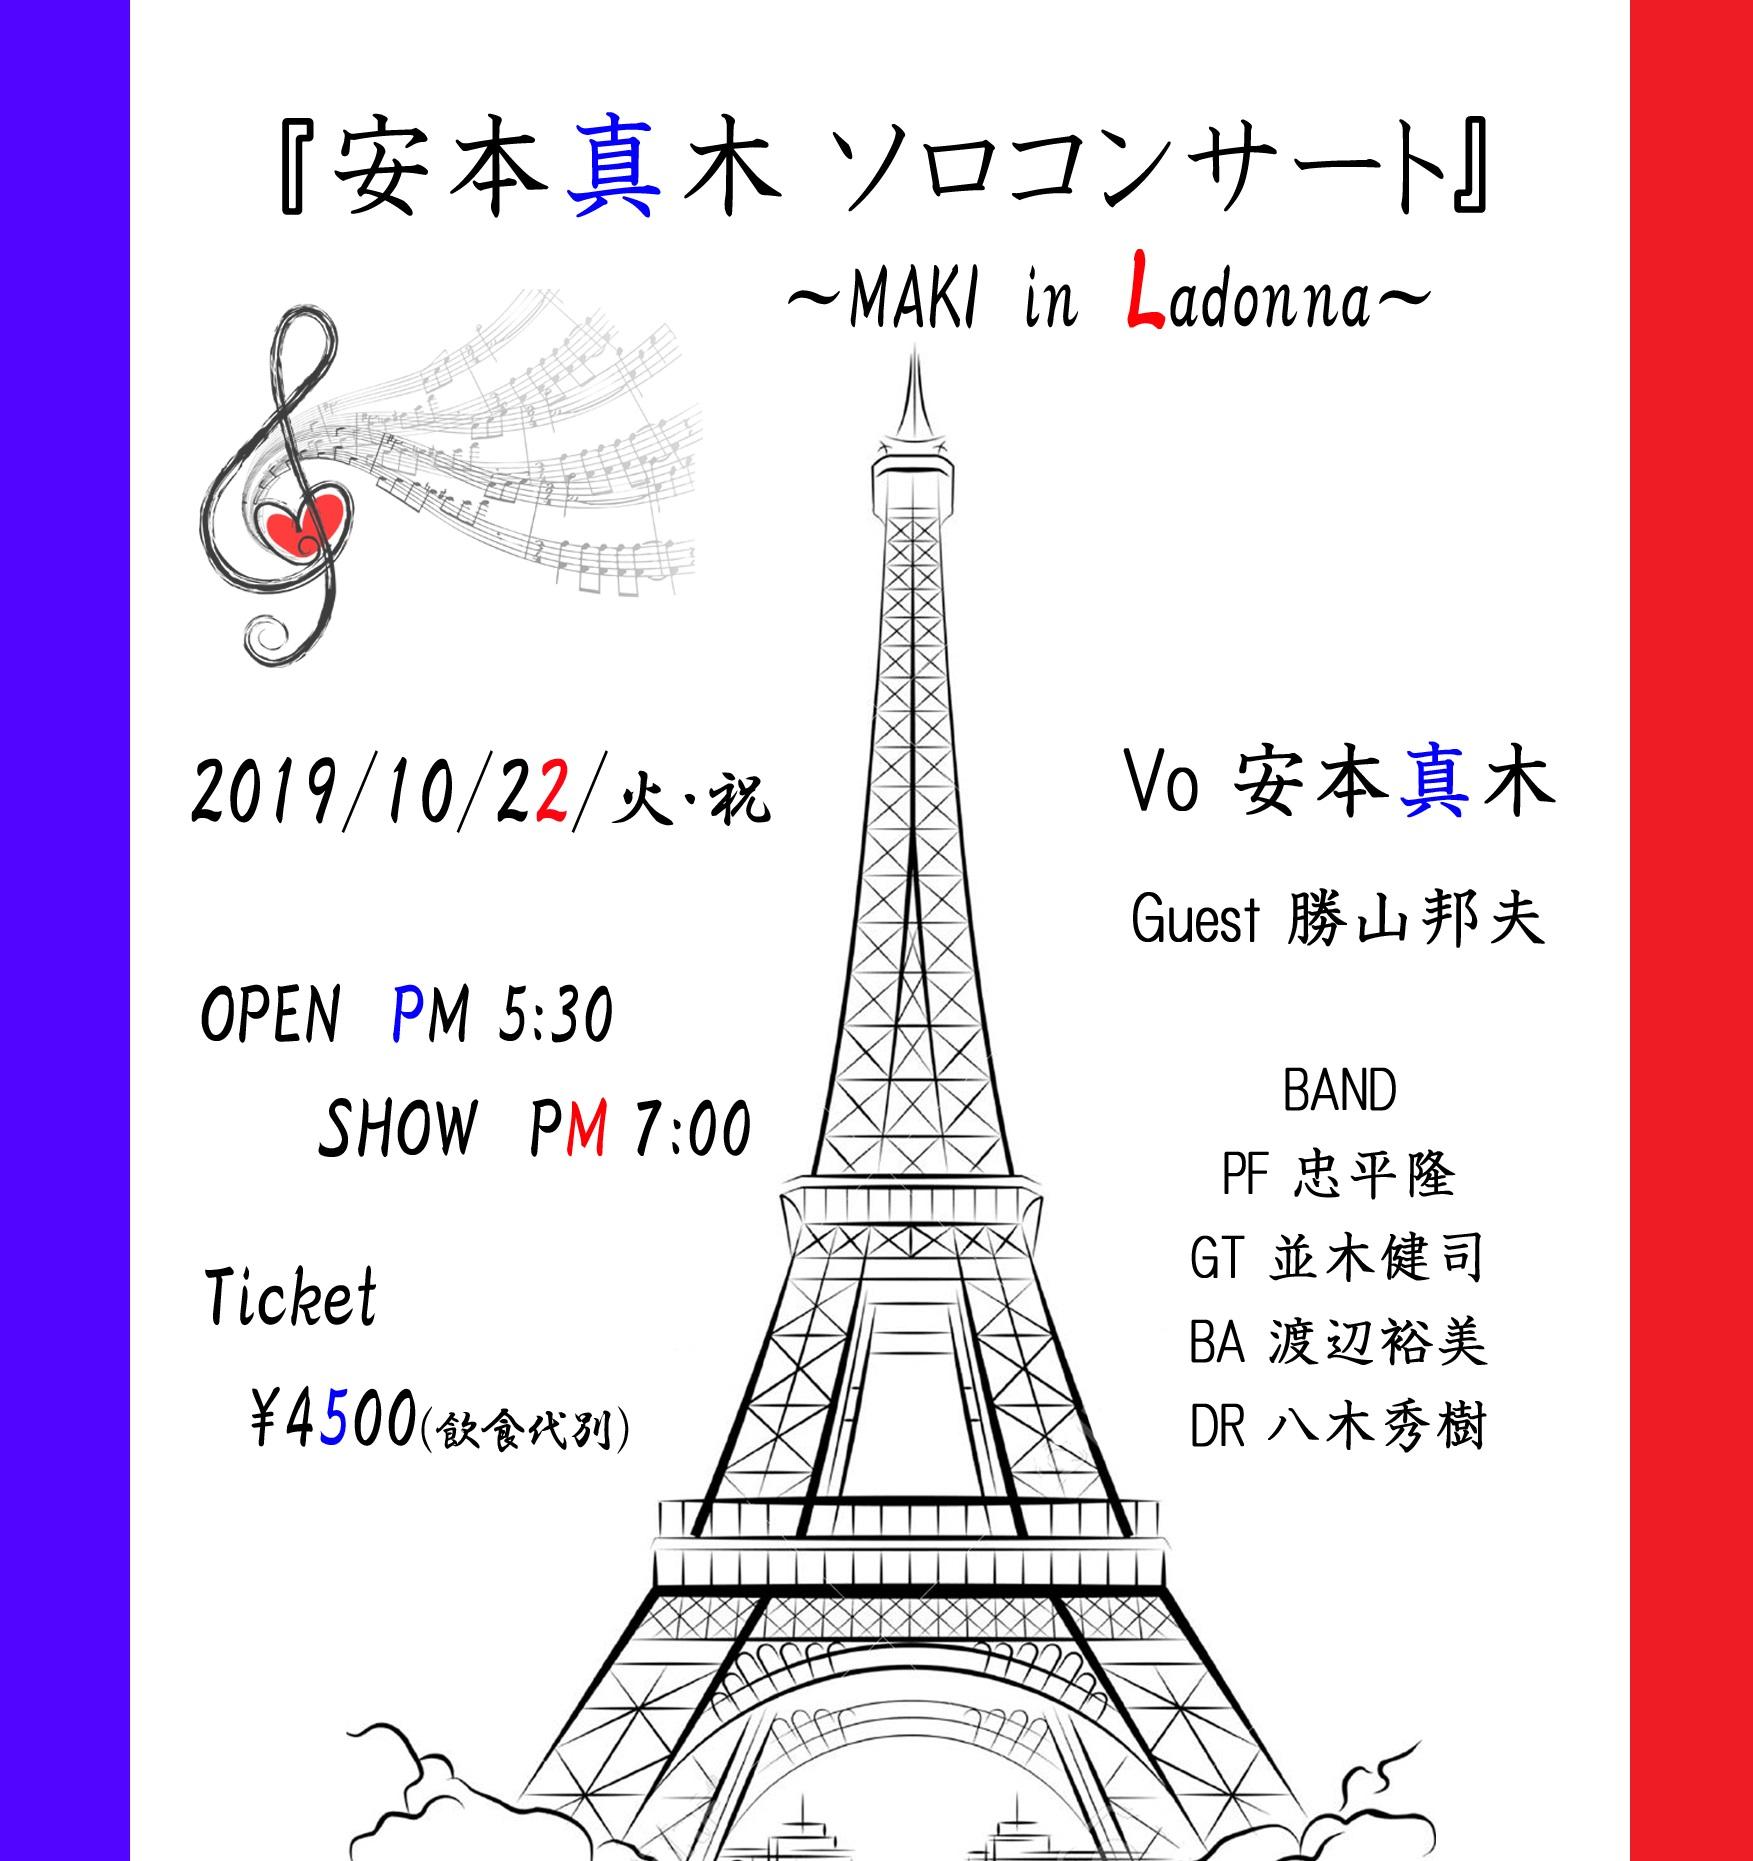 『安本真木 ソロコンサート』 ~MAKI  in  Ladonna~